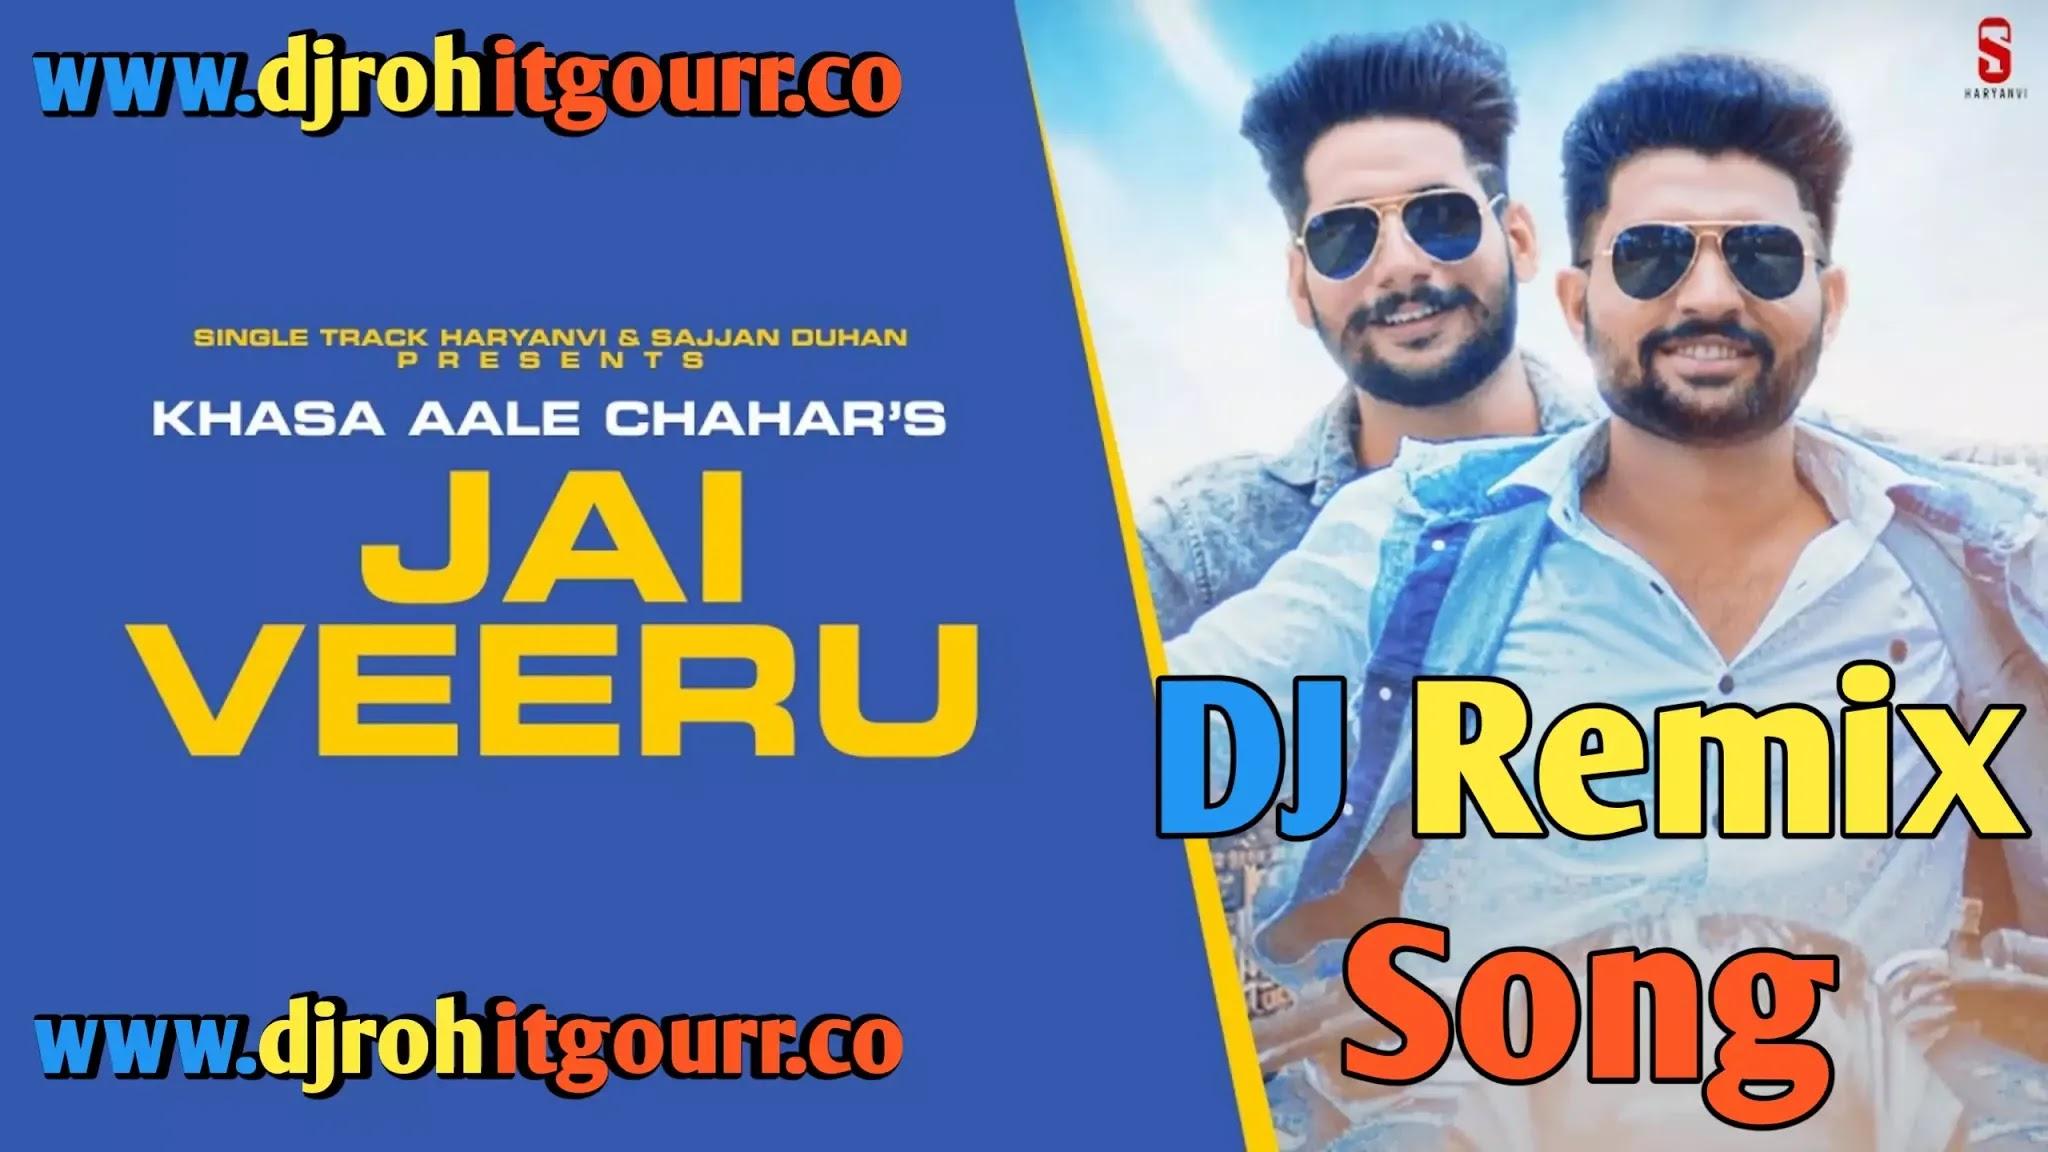 Jai Veeru Dj Remix Song